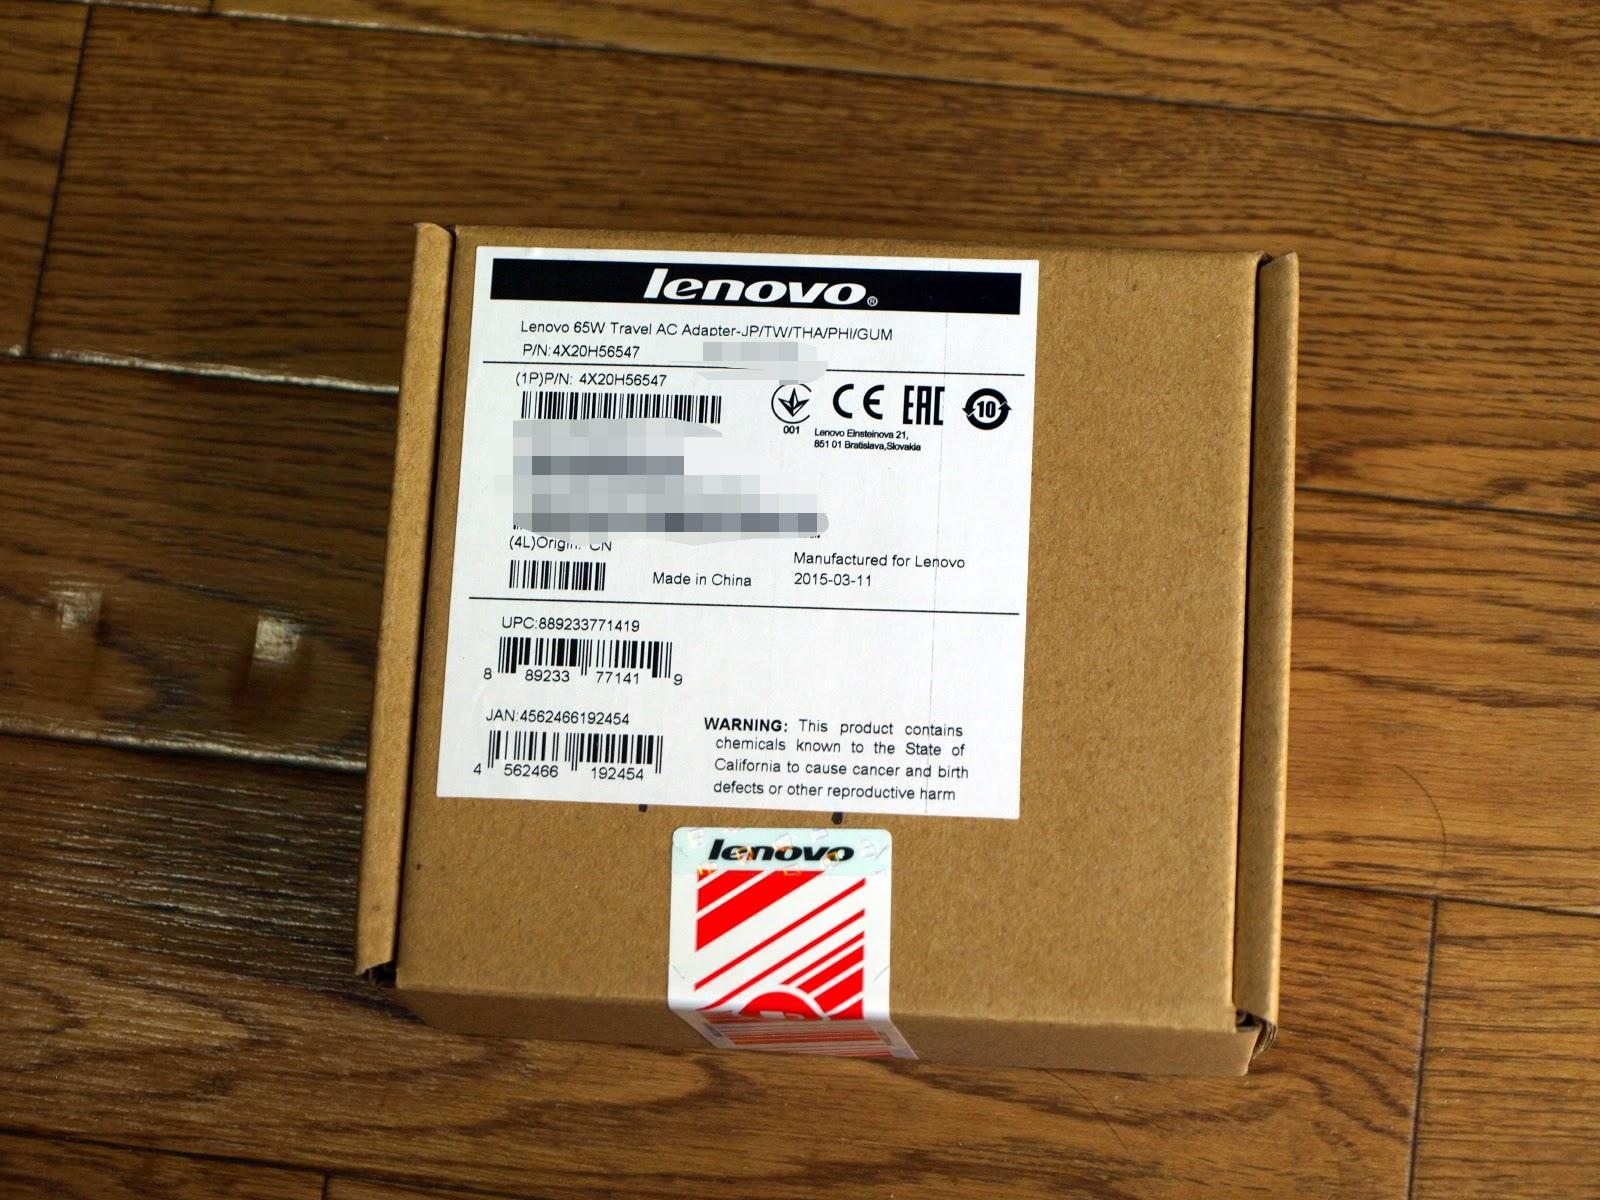 Lenovo 65W トラベル AC アダプターを購入しました